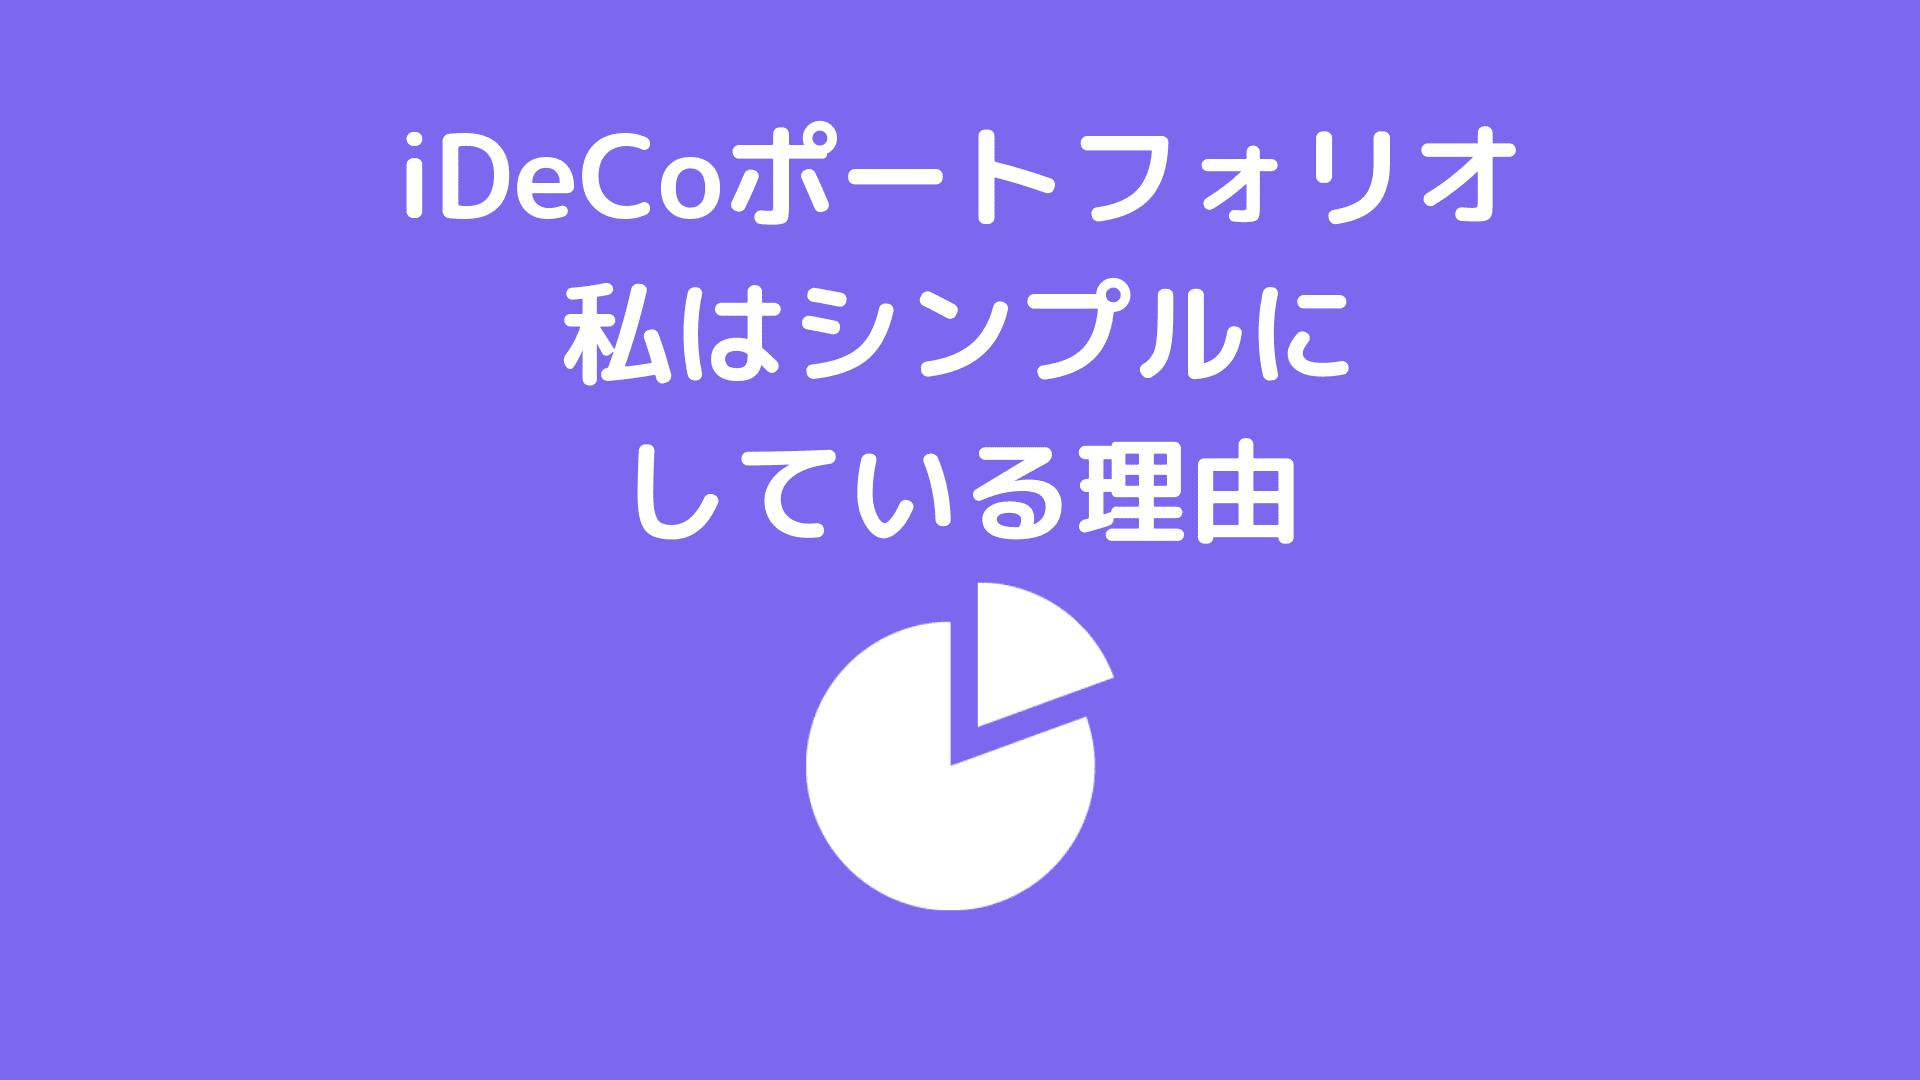 iDeCoポートフォリオ私はシンプルにしている理由